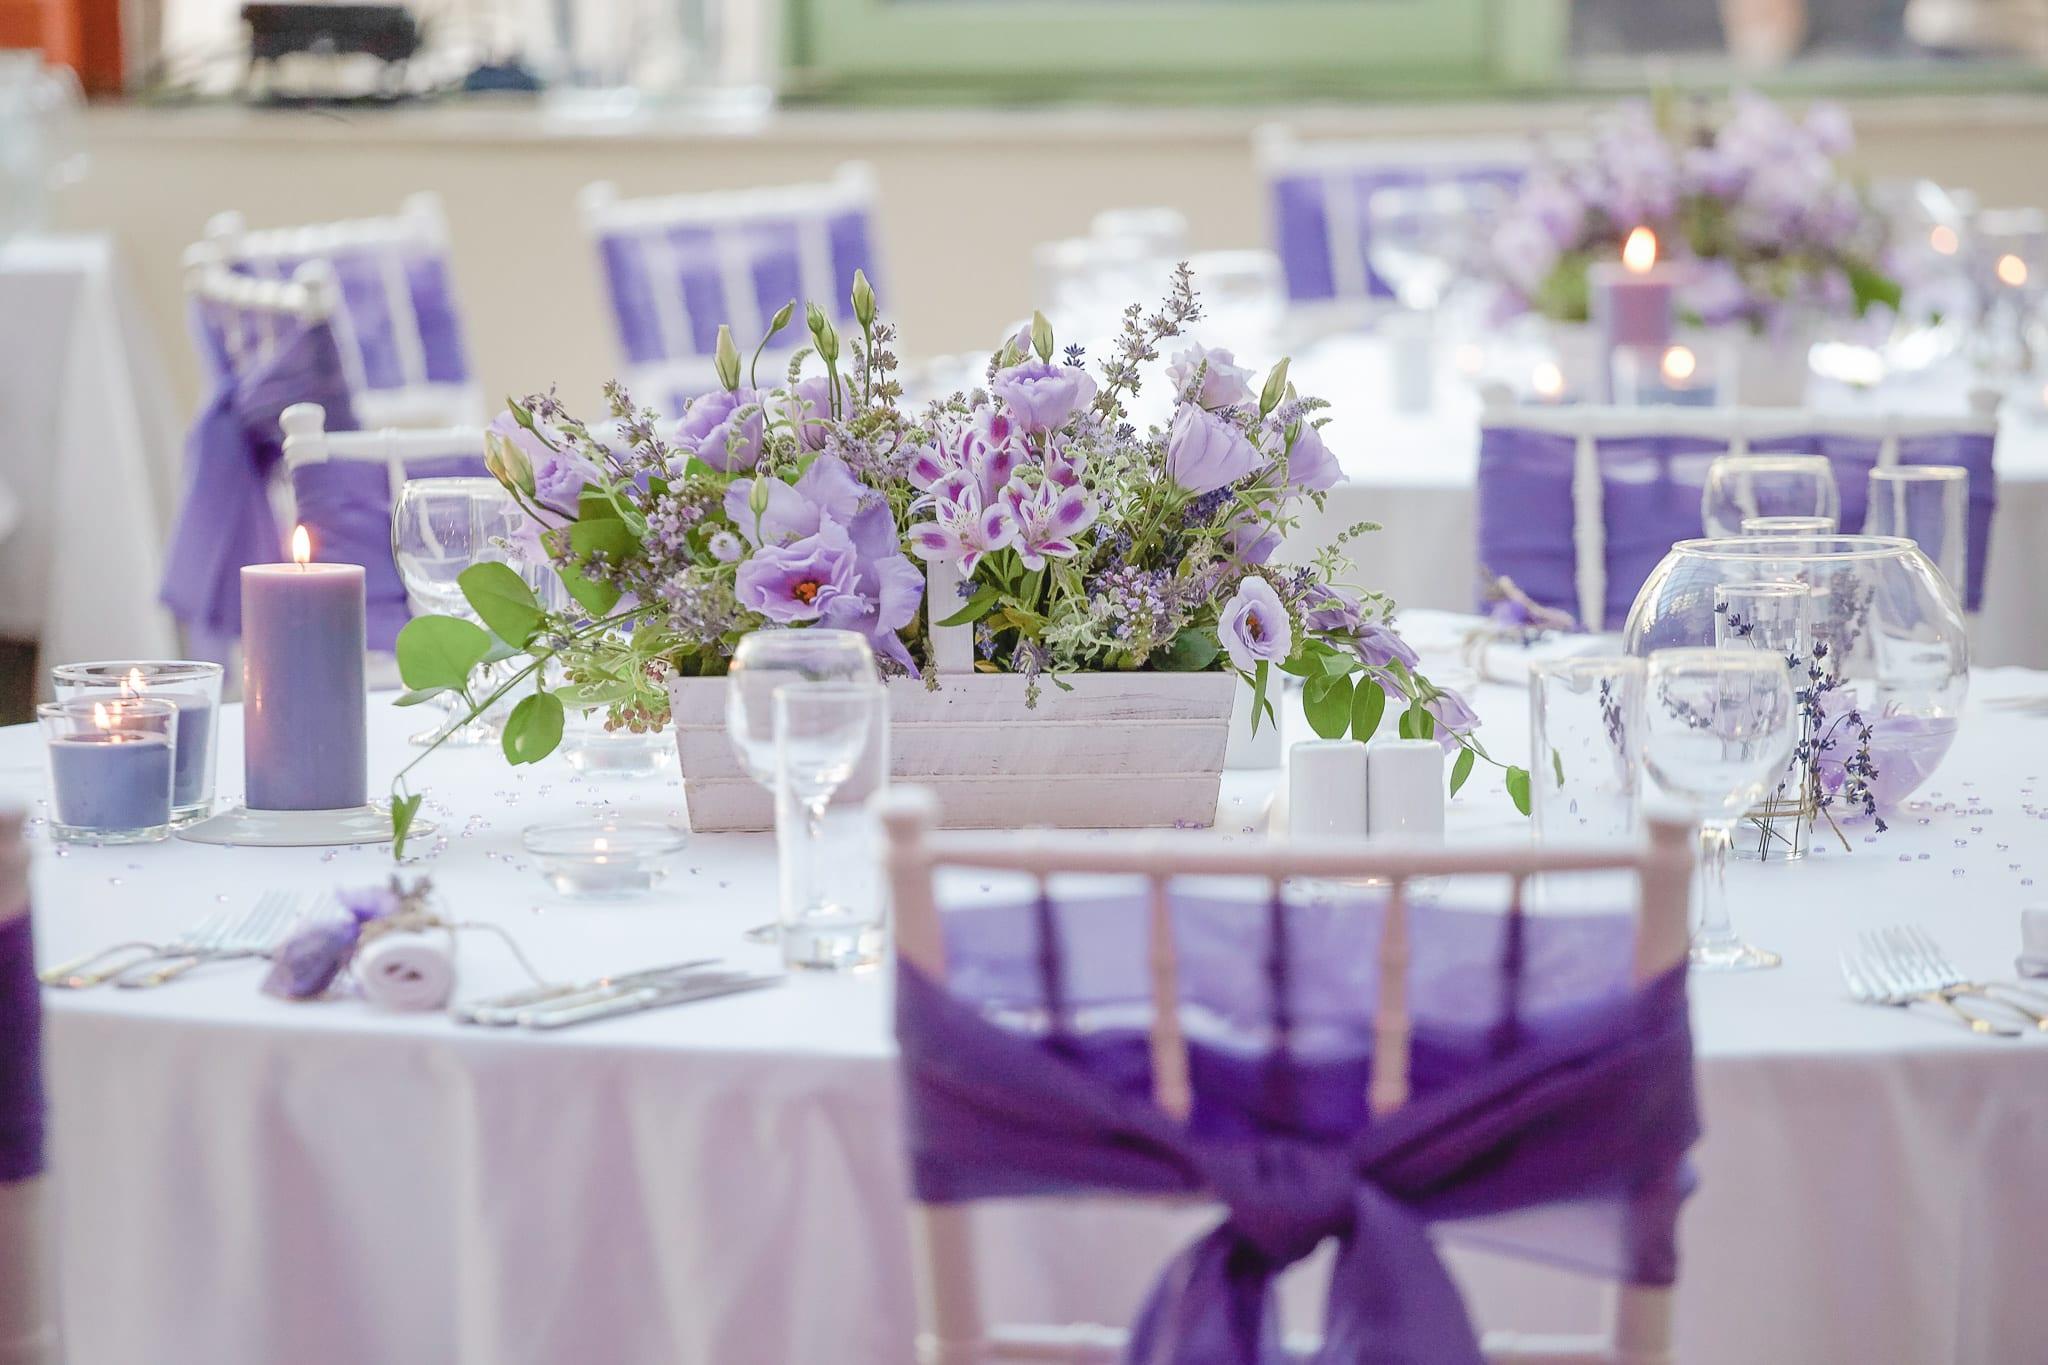 сватба в провански френски стил , лилава сватба, сватбена украса в лилаво, декорация на сватбена агенция Приказен ден, сватбен агент Мариела Уилсън